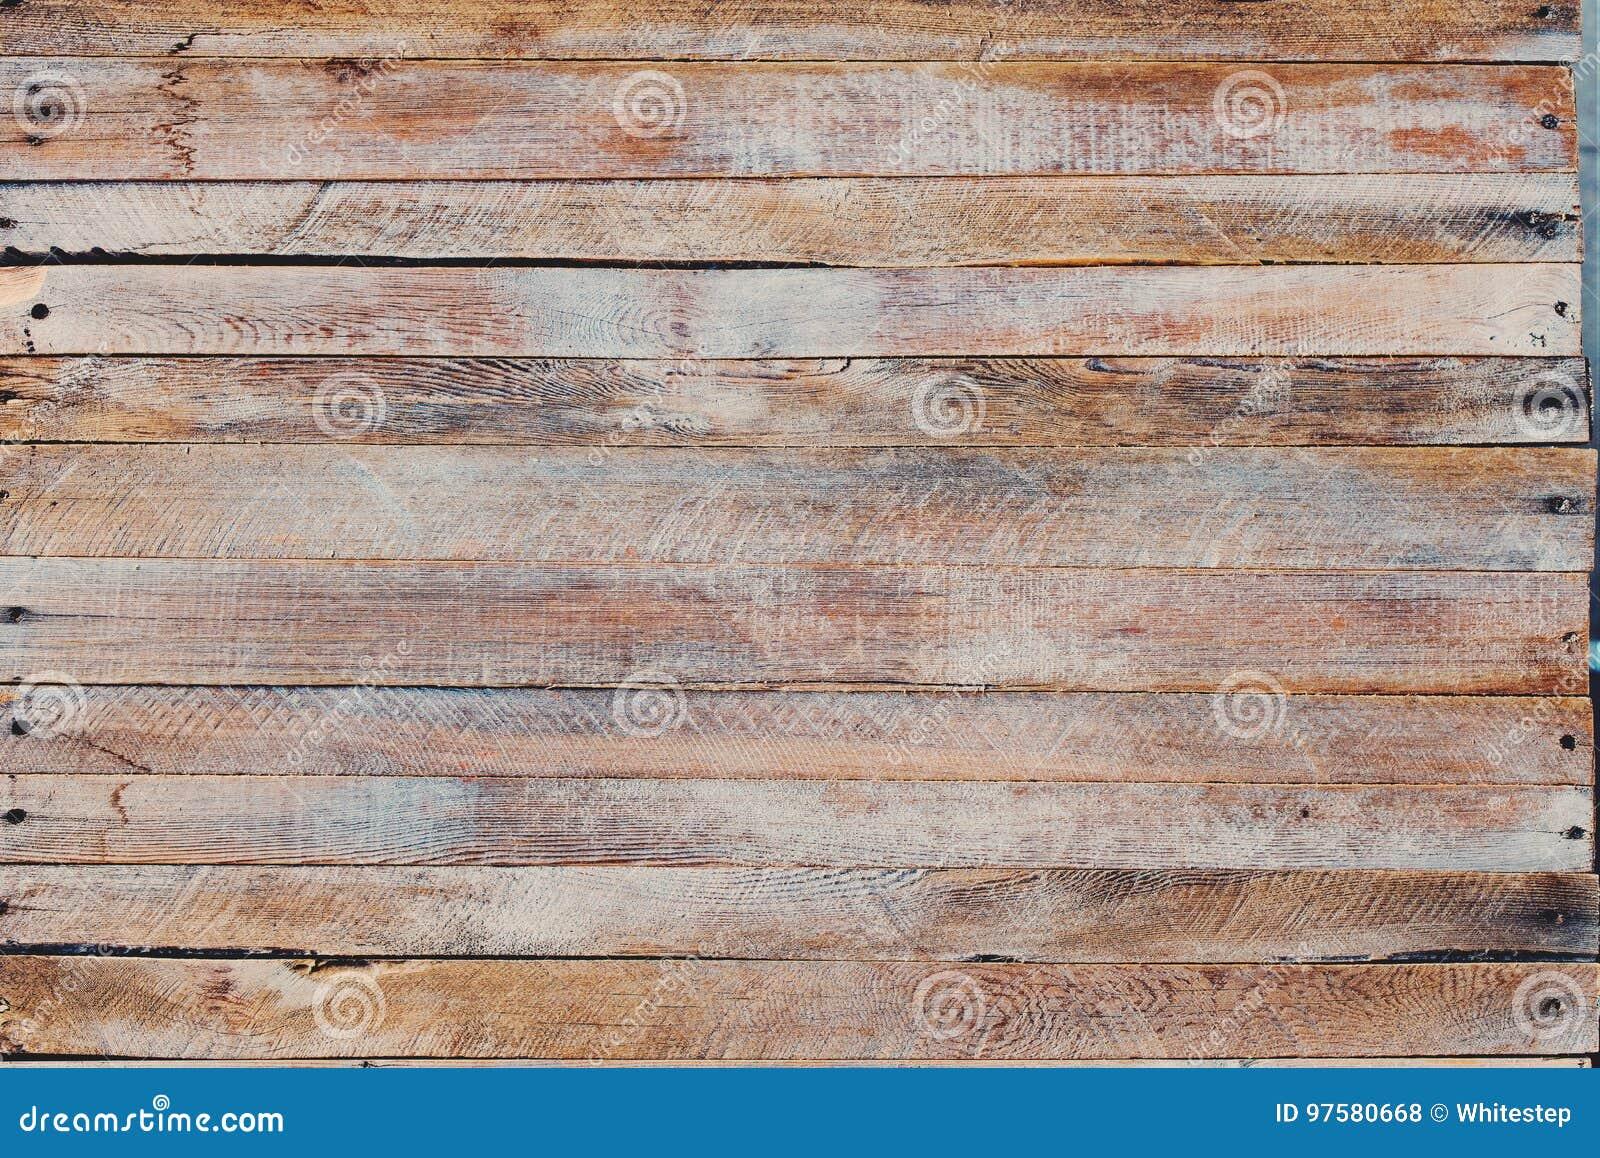 Vieux bureau en bois minable peint par bleu photo stock image du